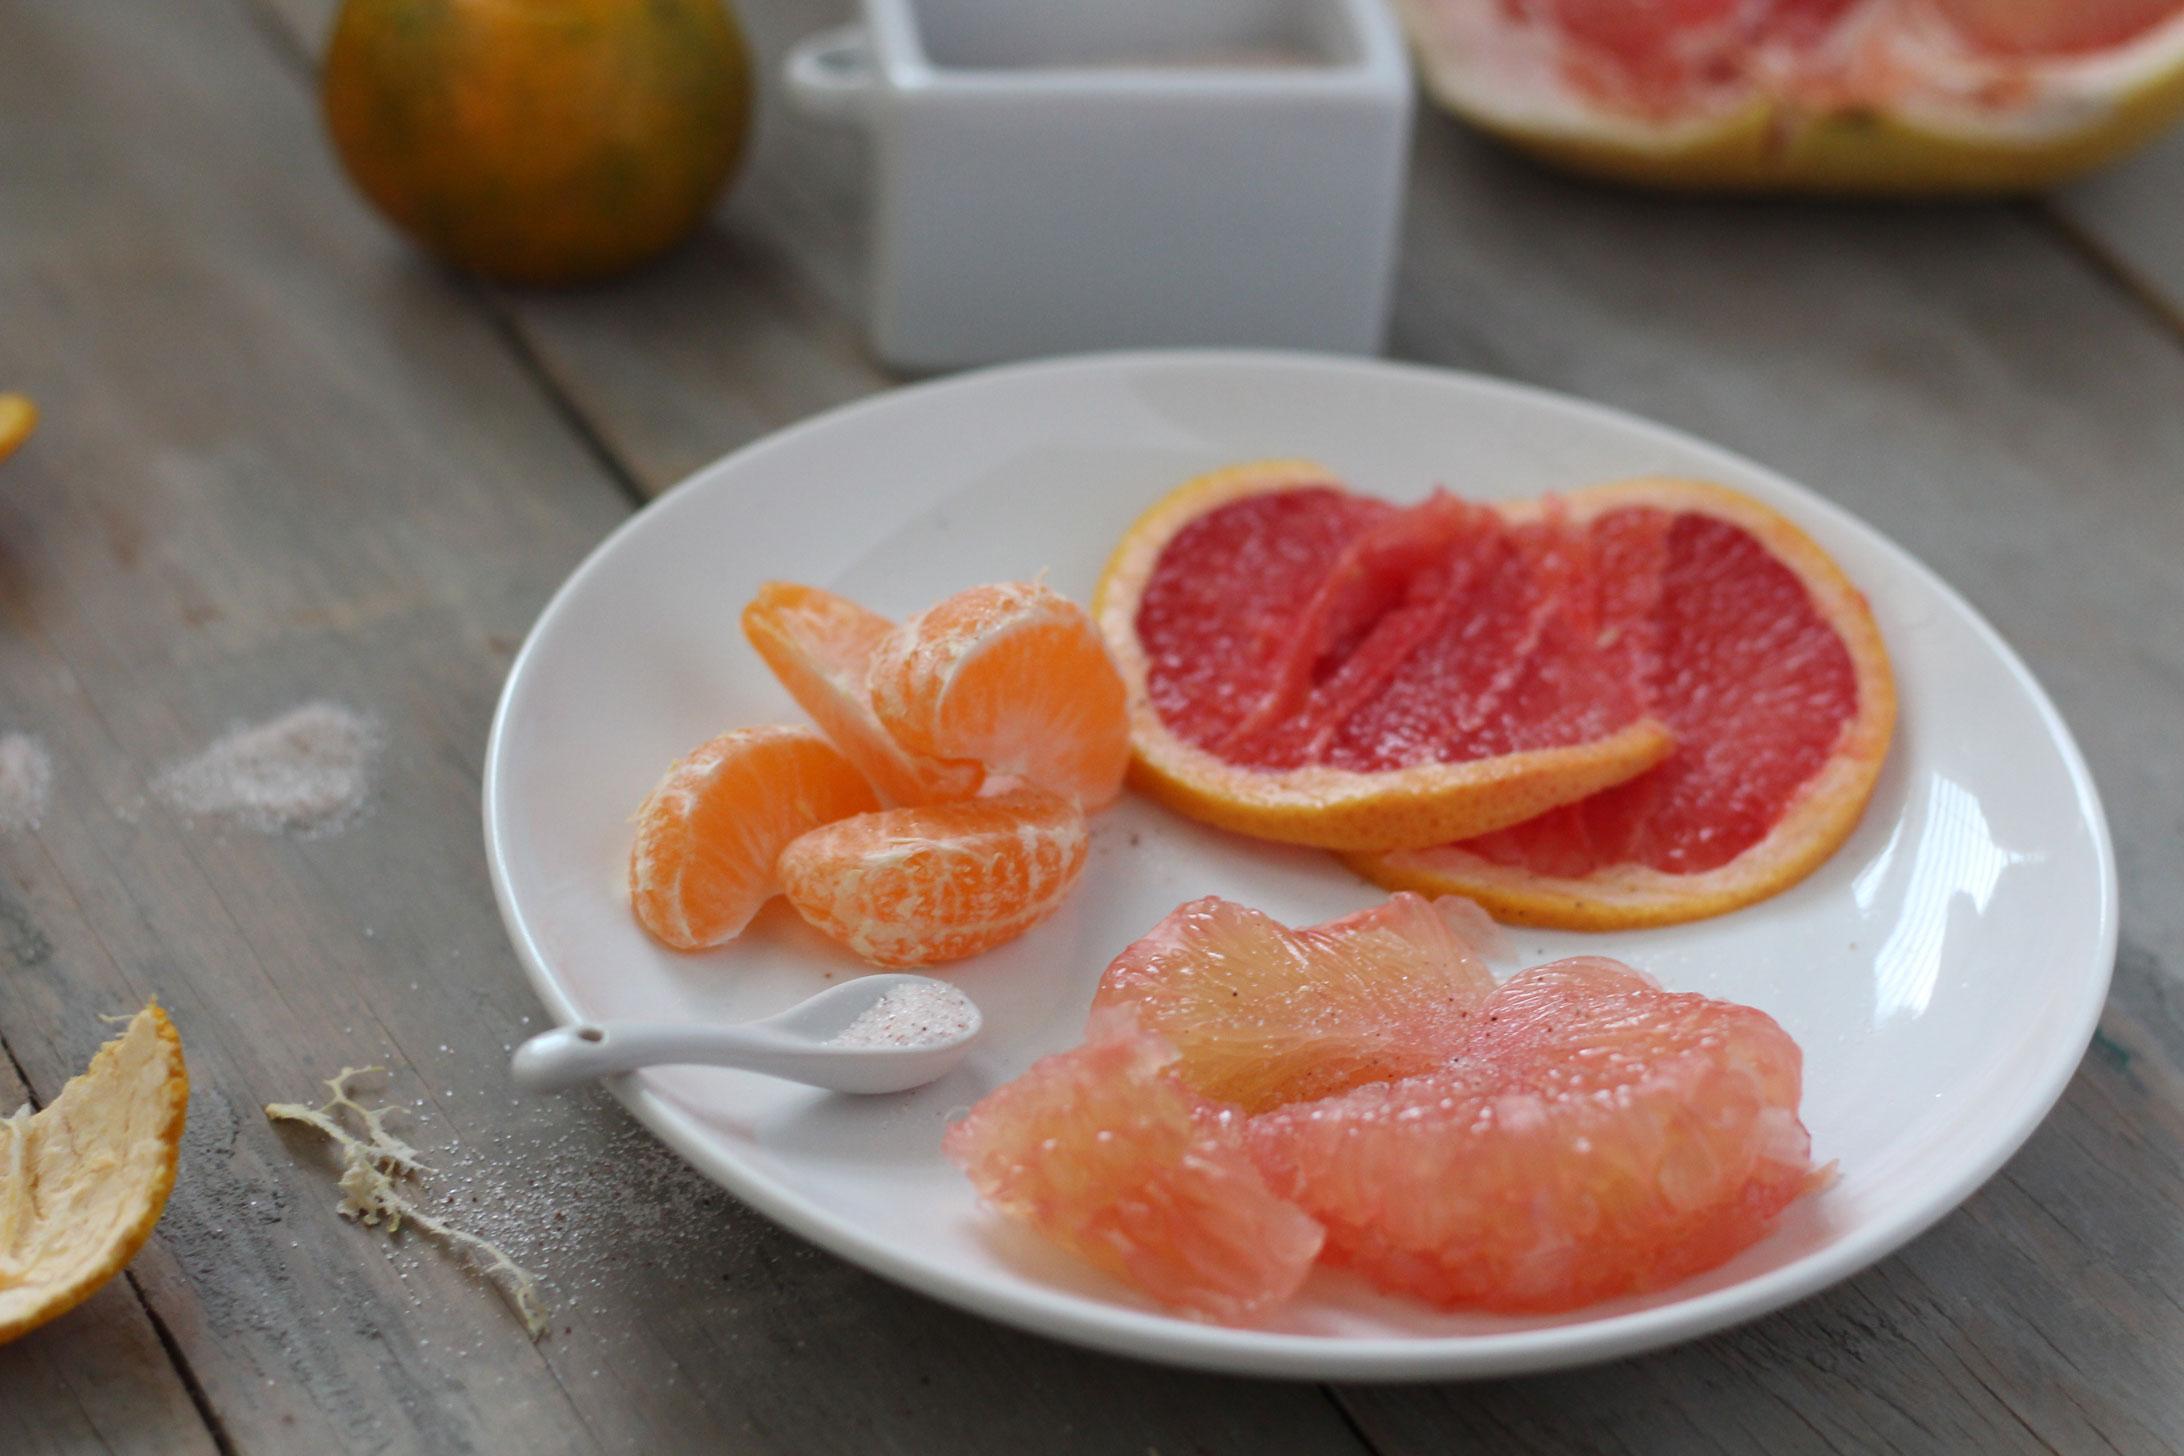 Sea Salt & Citrus Season